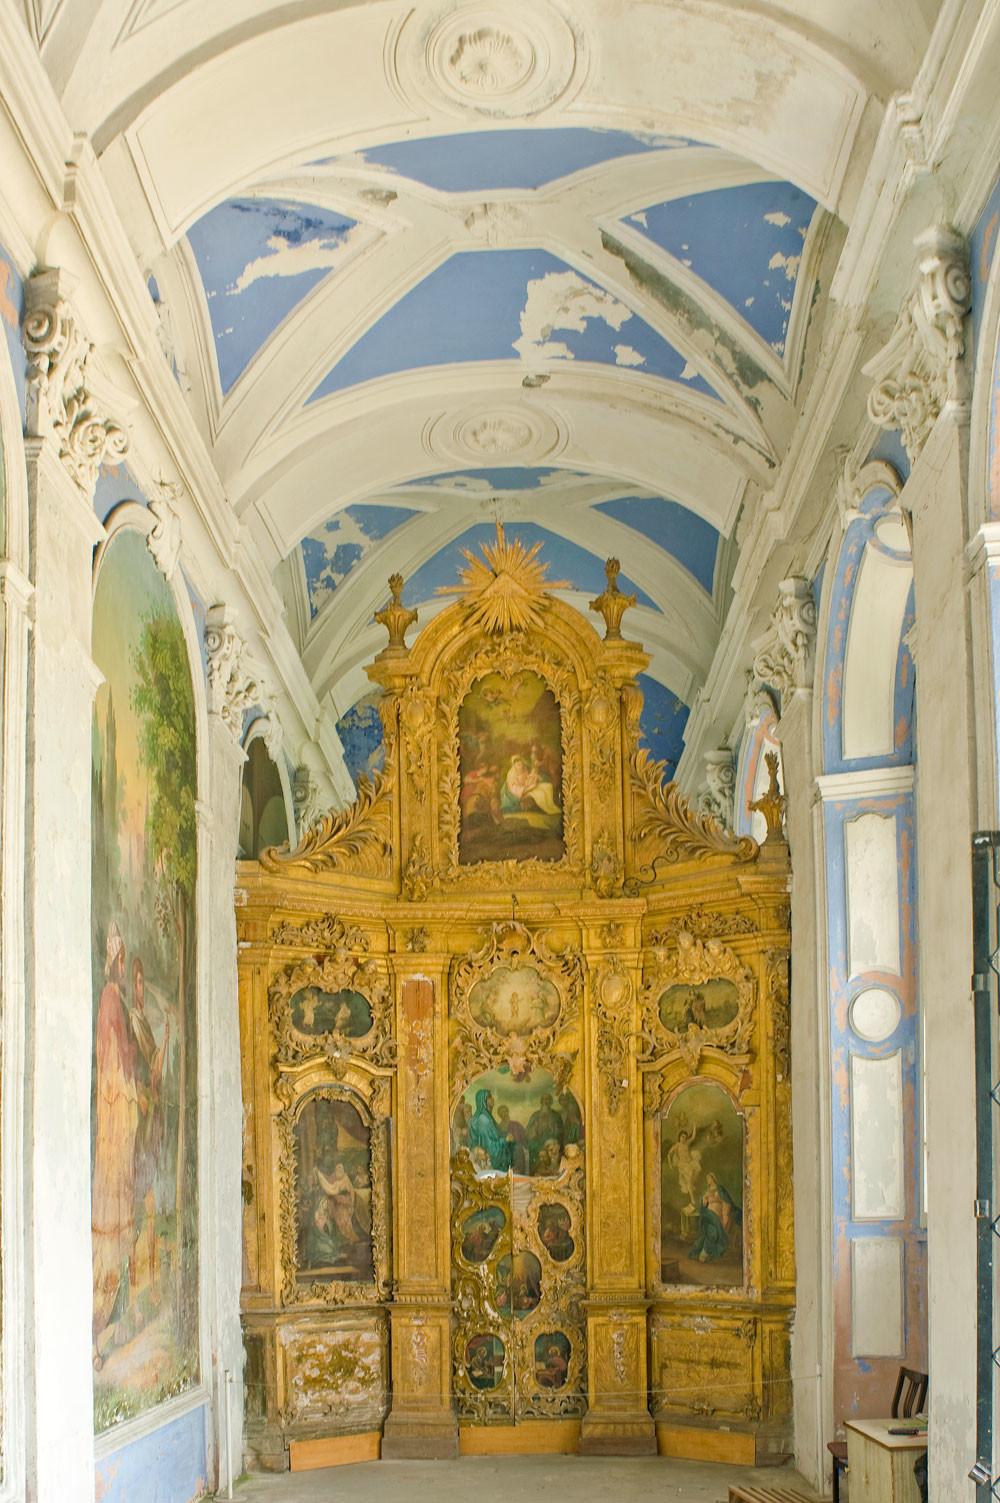 ゴリツキー生神女就寝修道院。 生神女就寝大聖堂 。南側の生神女福音(受胎告知)礼拝堂。イコノスタスを望む。2012年7月12日。